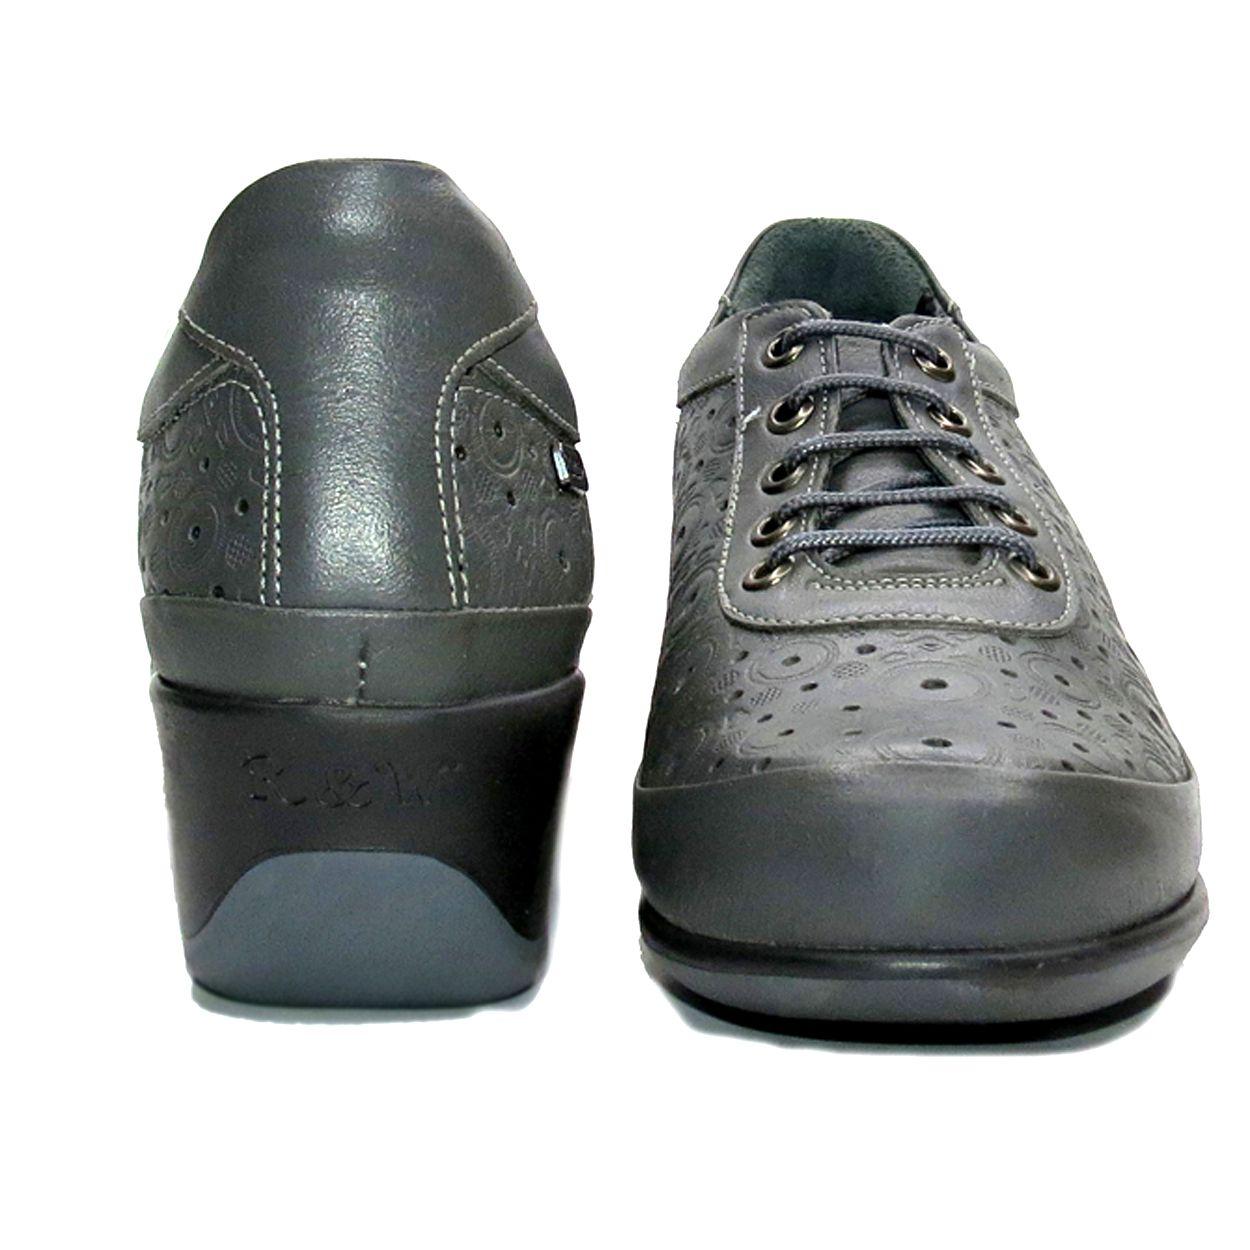 کفش روزمره زنانه آر اند دبلیو مدل 538 رنگ طوسی -  - 4